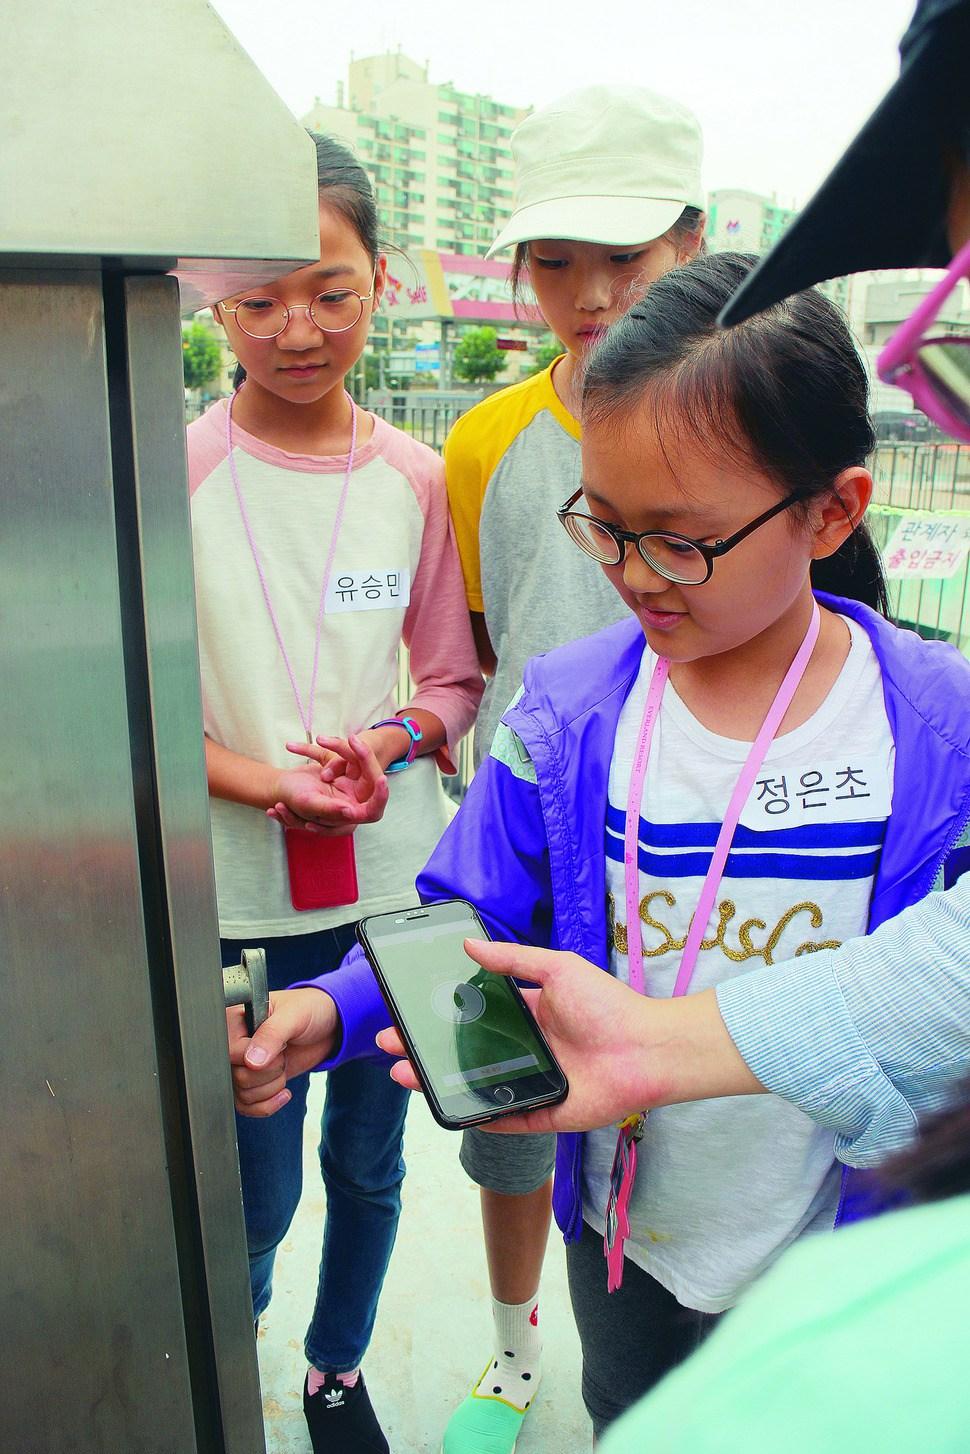 지난달 27일 서울 양천구 서서울예술교육센터 프로그램 '소리야 놀자'에 참여한 학생들이 문고리 잡는 소리 효과음을 녹음하고 있다.